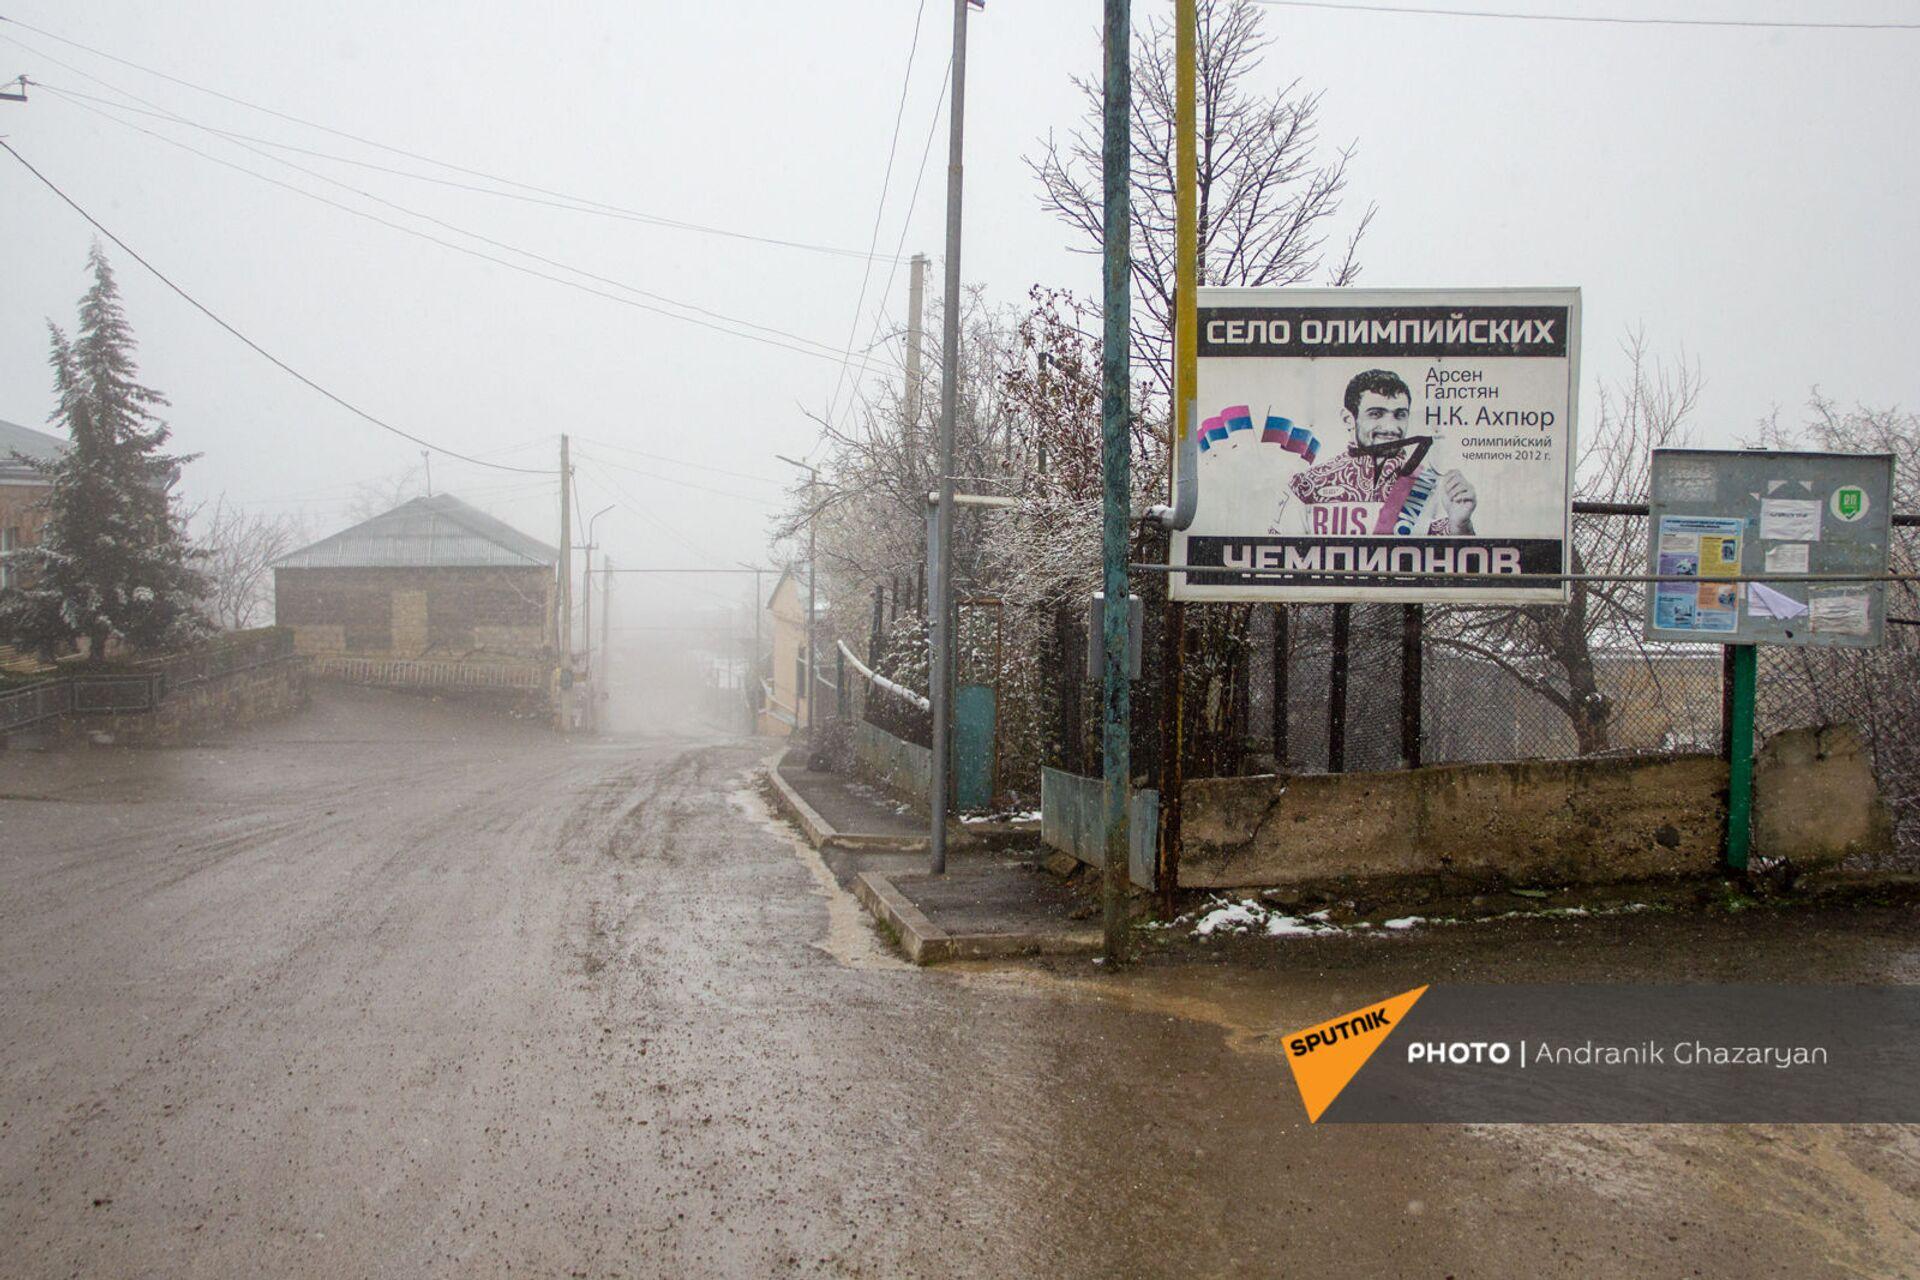 Այգեպար և Ներքին Կարմիրաղբյուր․ ինչ իրավիճակ է գյուղերում հուլիսյան ռմբակոծությունից հետո - Sputnik Արմենիա, 1920, 21.03.2021